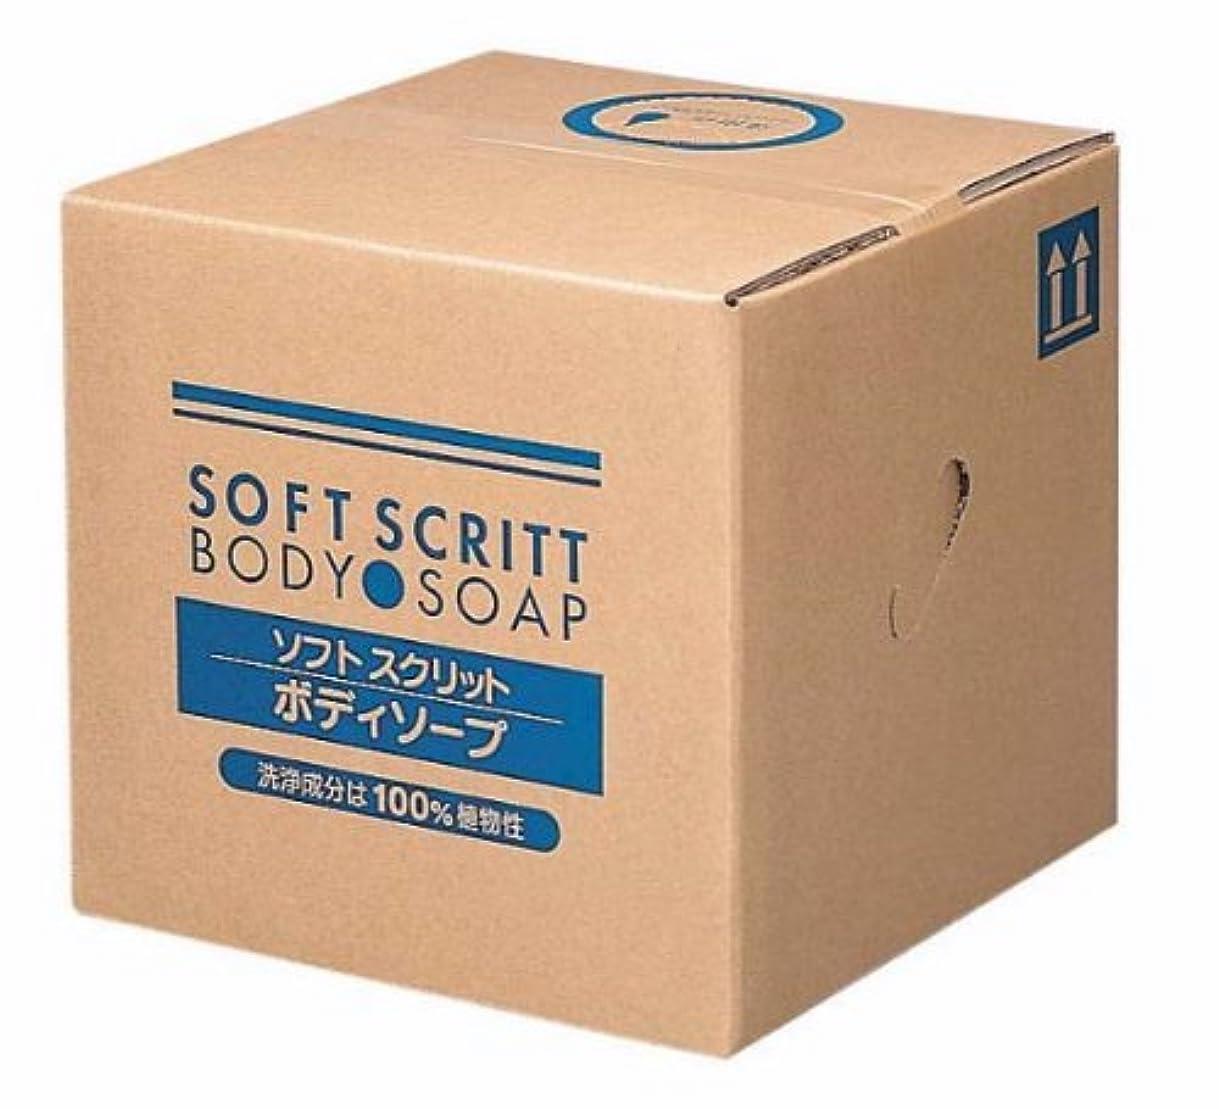 熱心強制チケット熊野油脂 業務用 SOFT SCRITT(ソフト スクリット) ボディソープ 18L